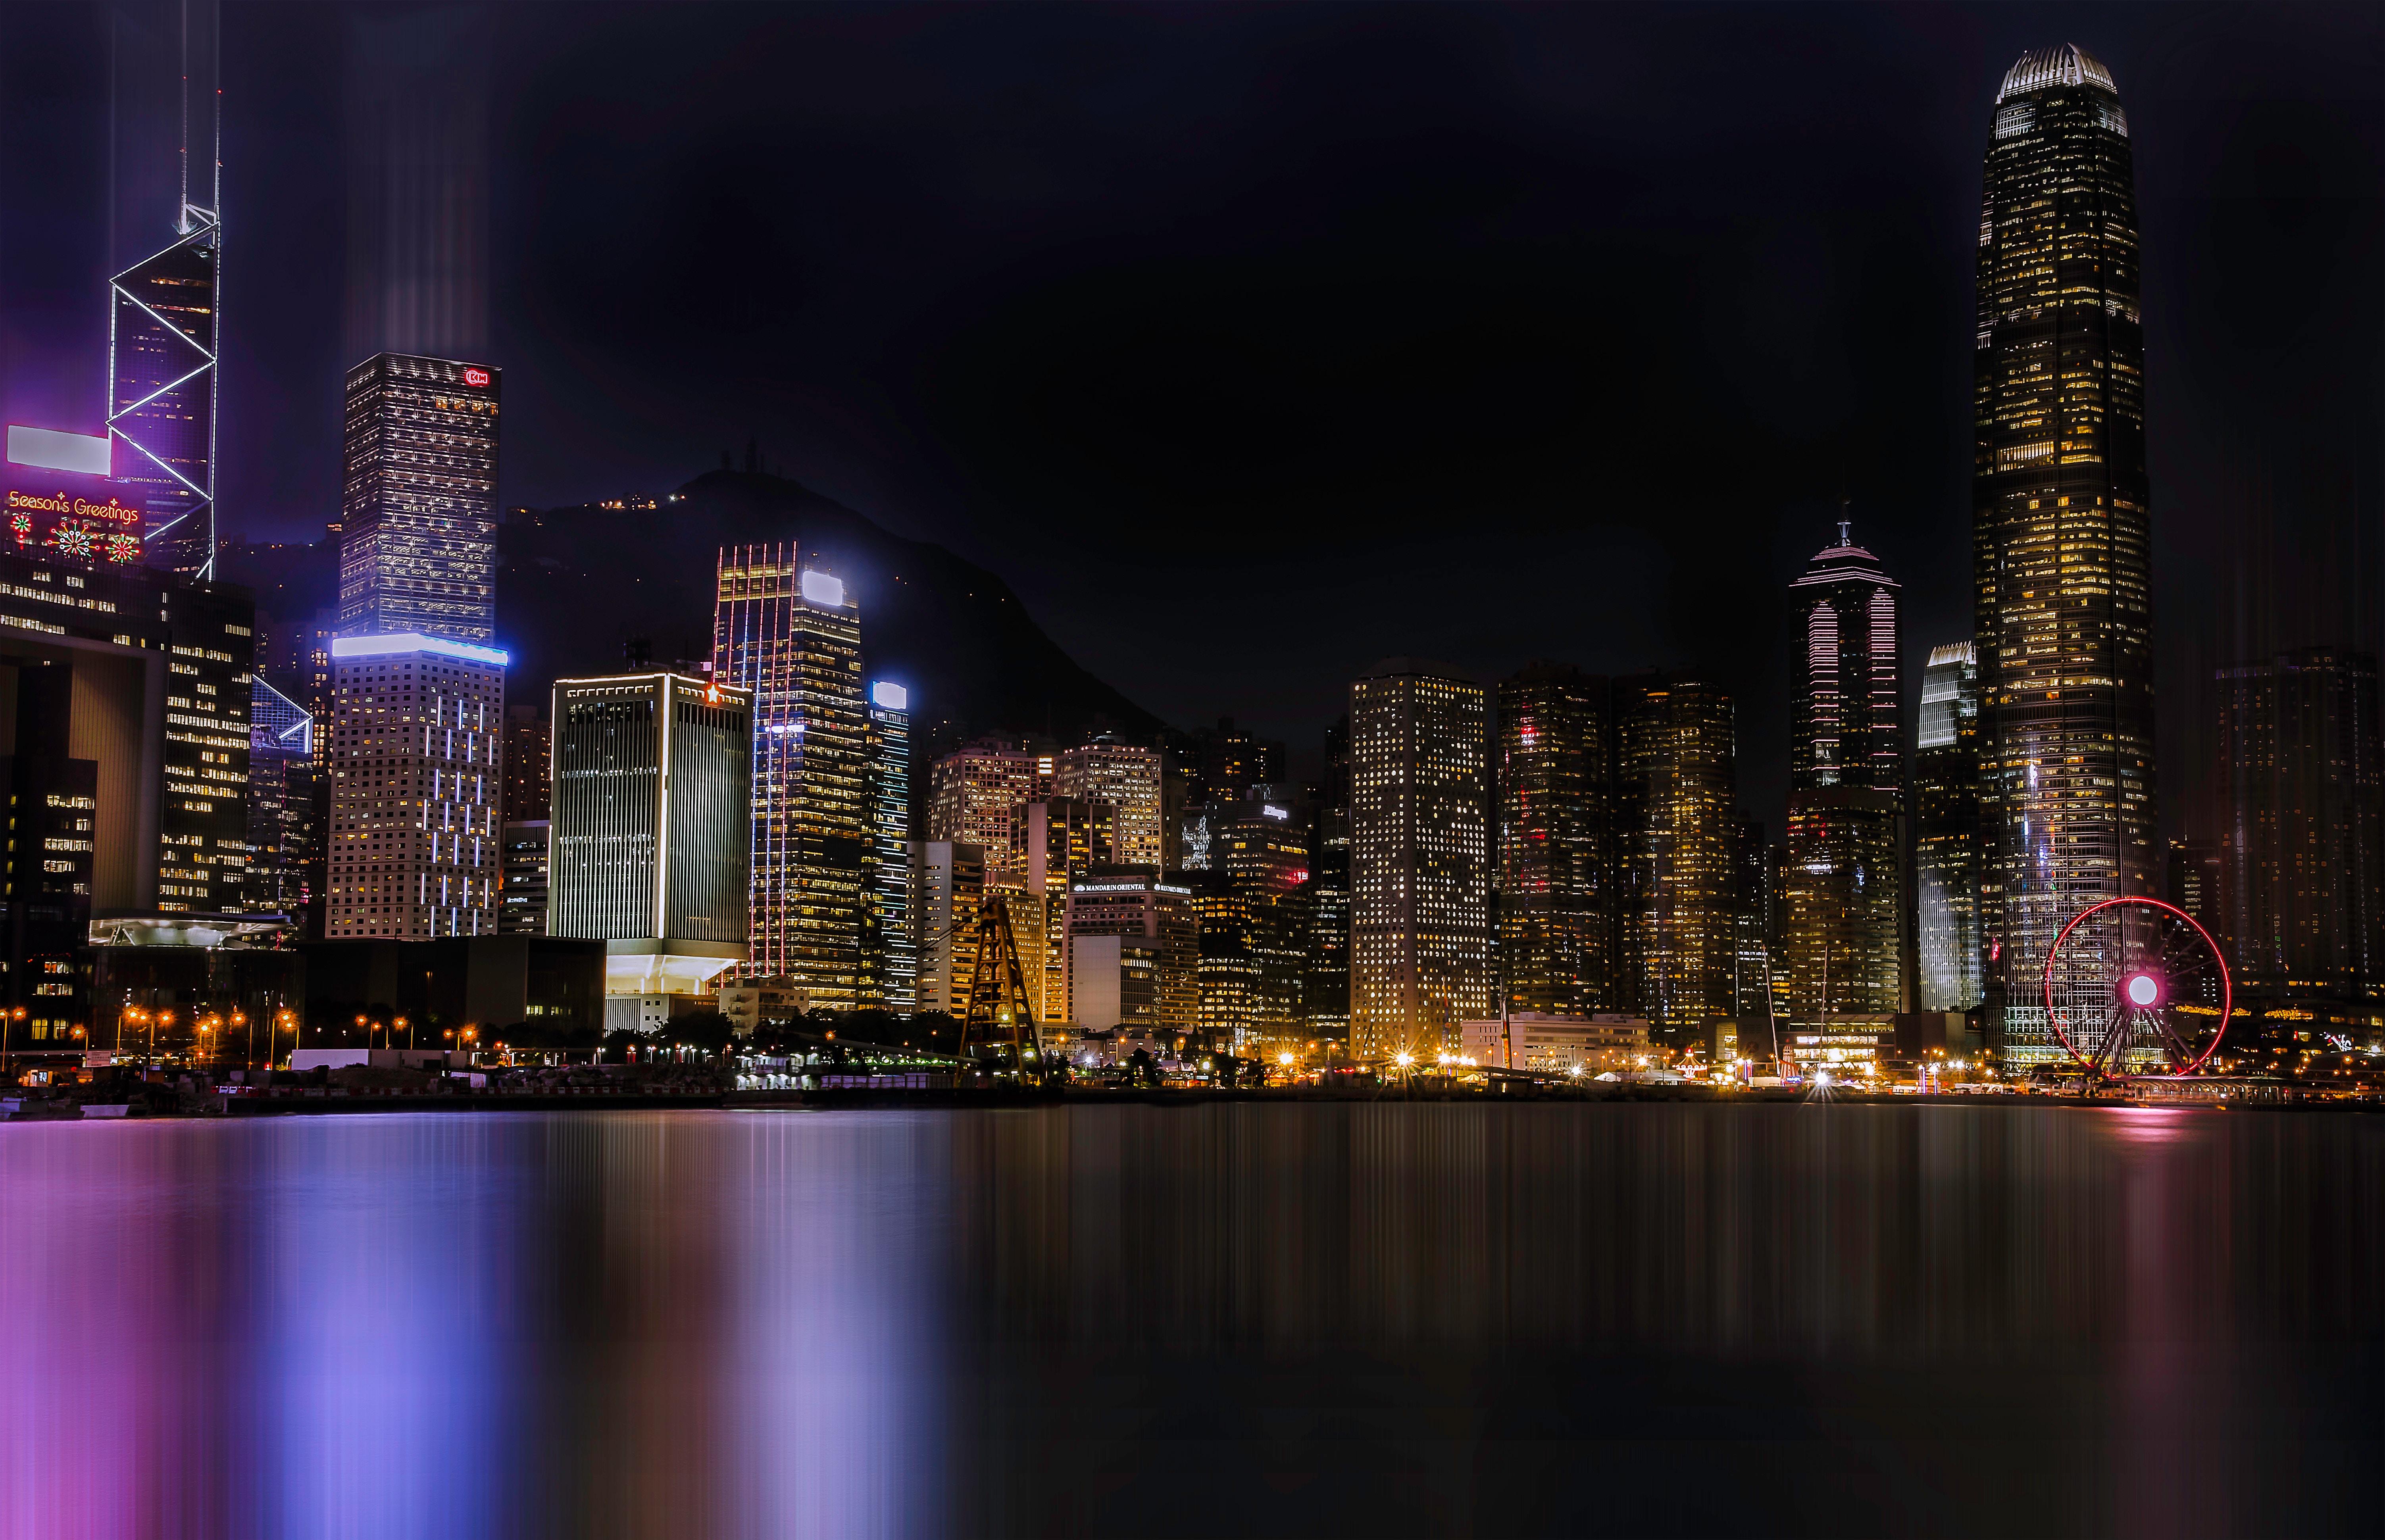 неординарная картинки для рабочего город ночью своих погодных